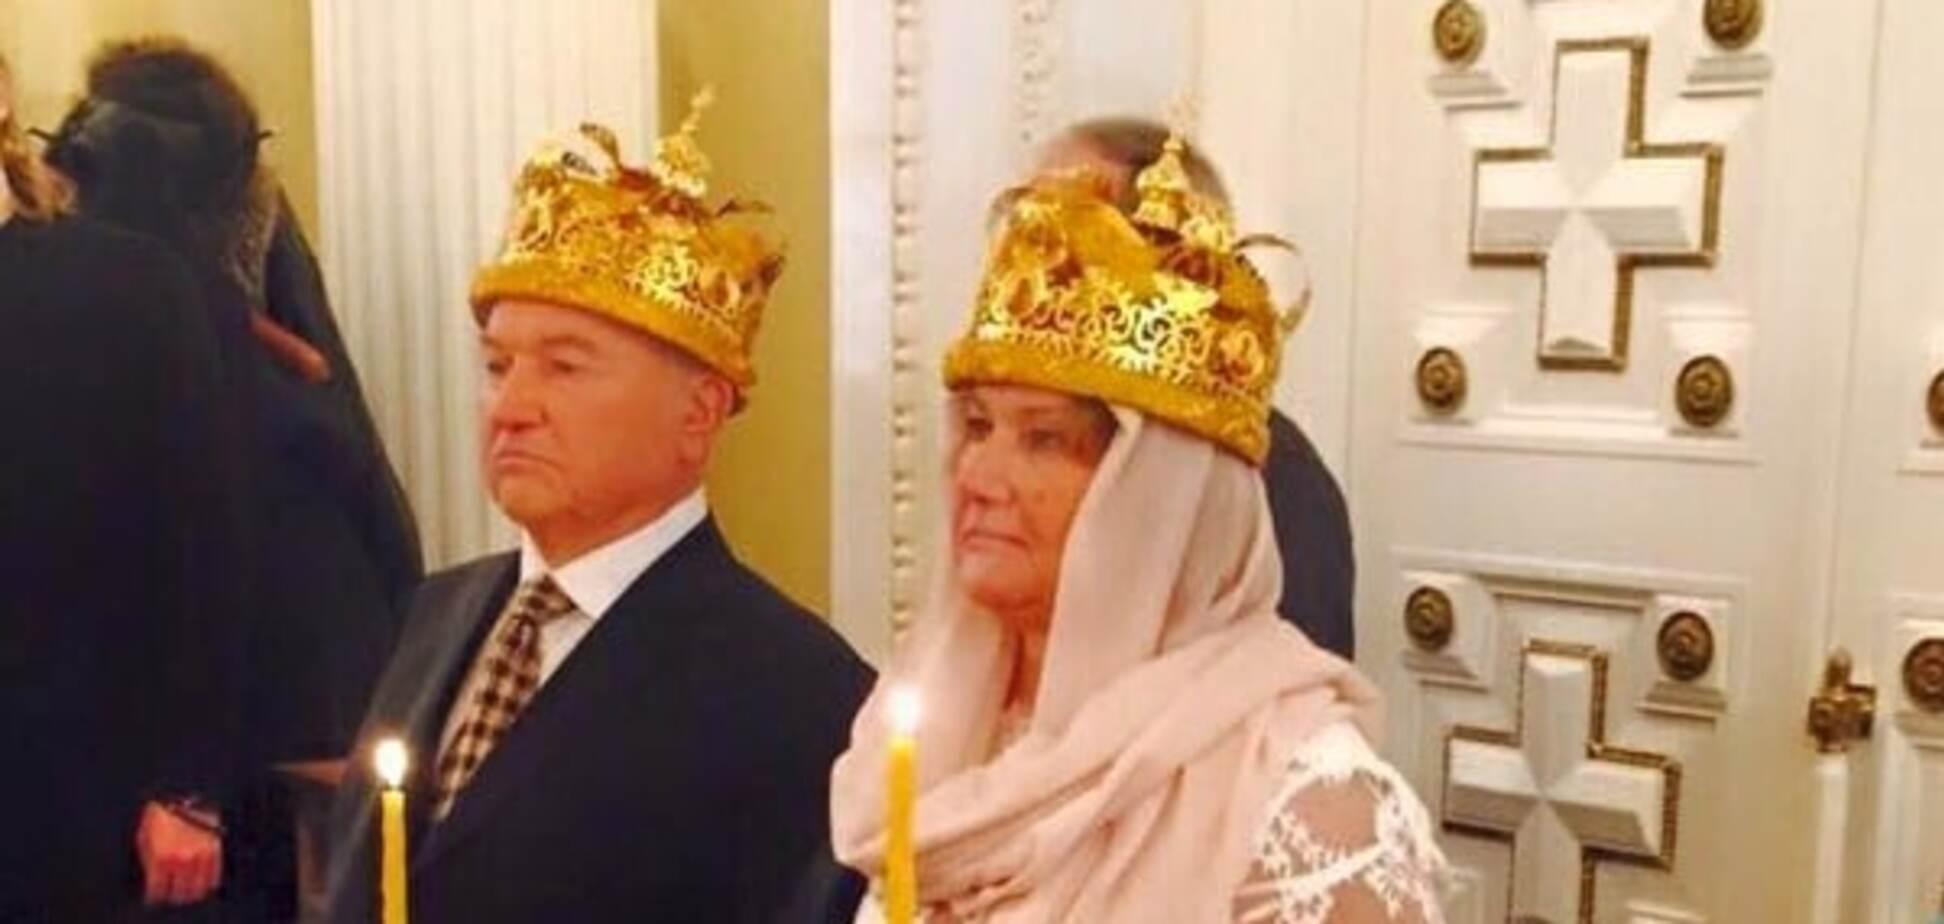 Екс-мер Москви Юрій Лужков обвінчався з дружиною-мільярдеркою: фотофакт